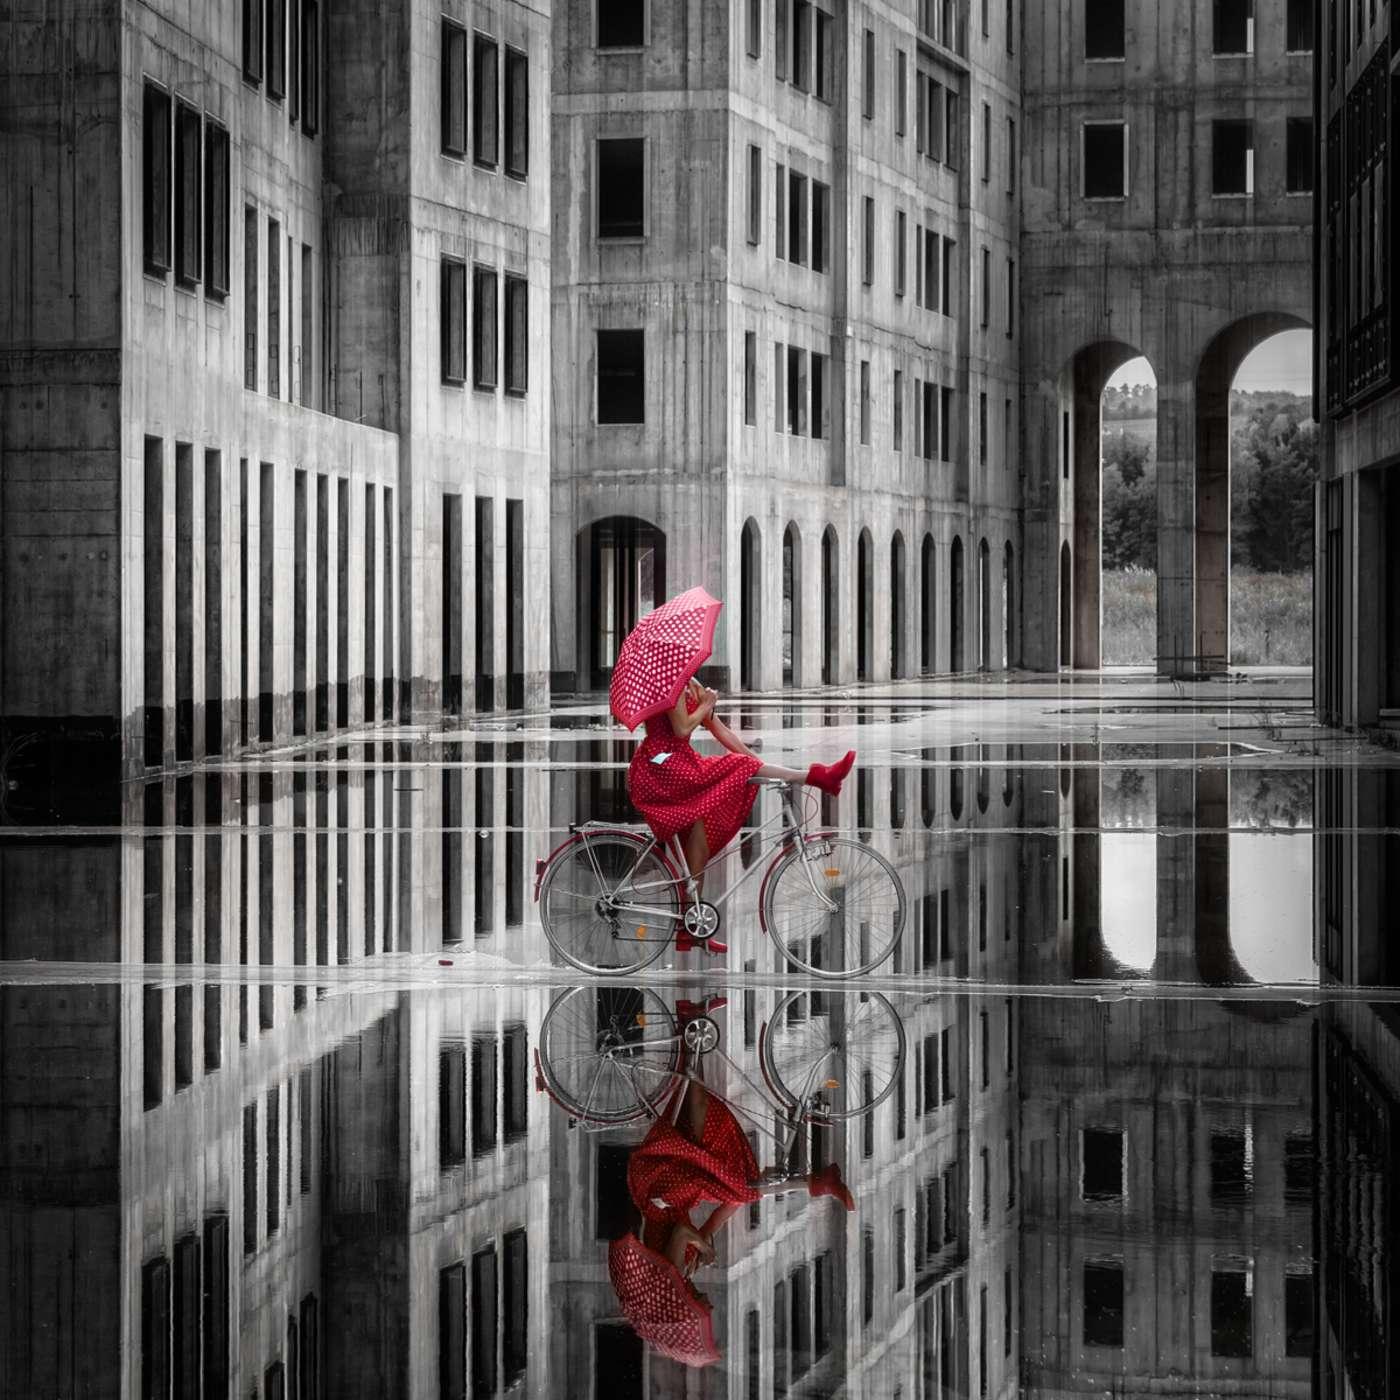 Синдром Стендаля IV, фотограф Петер Целей